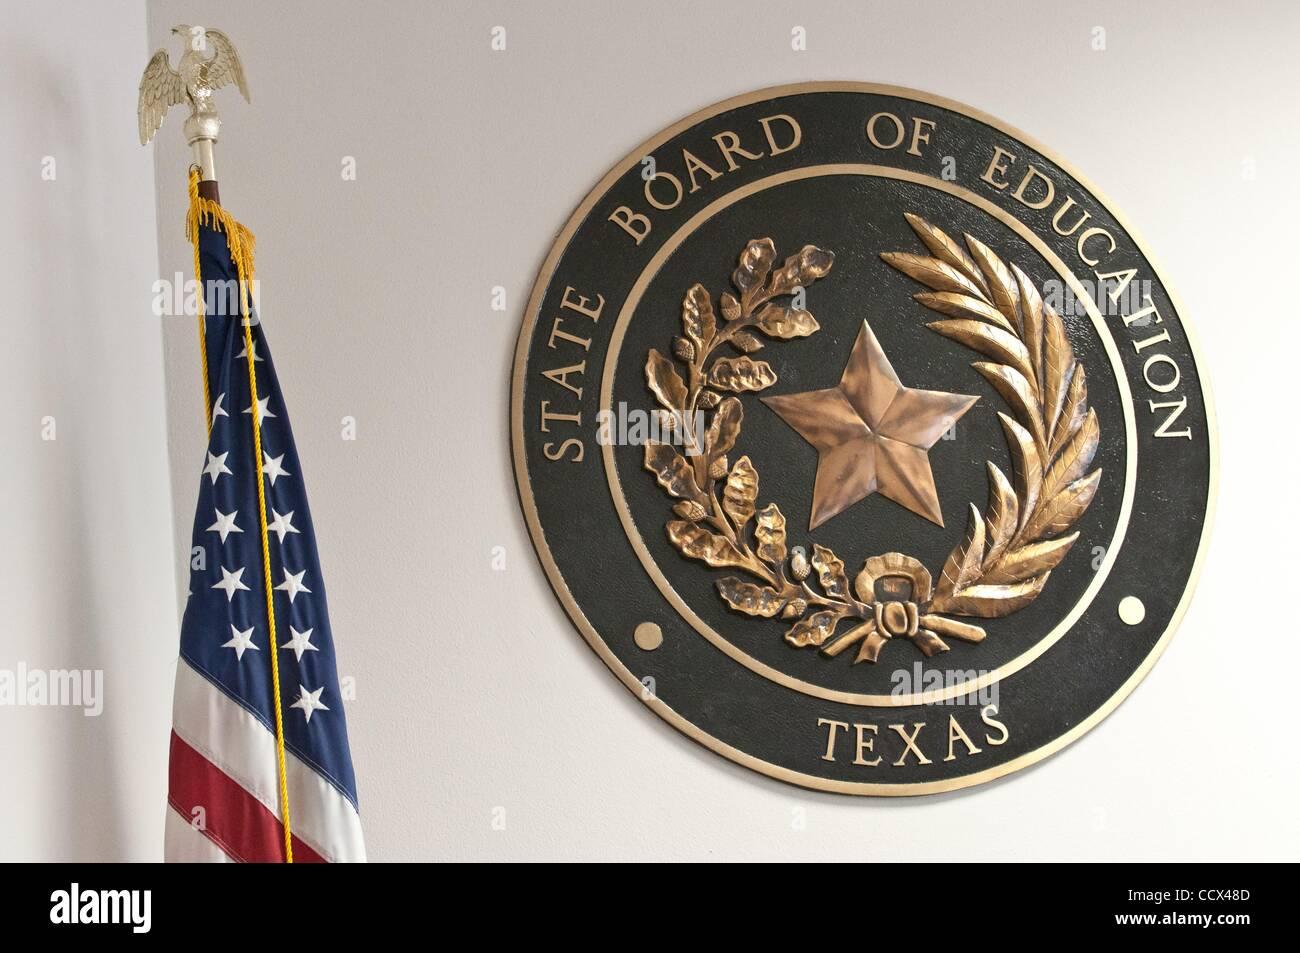 Texas State Seal Stock Photos & Texas State Seal Stock